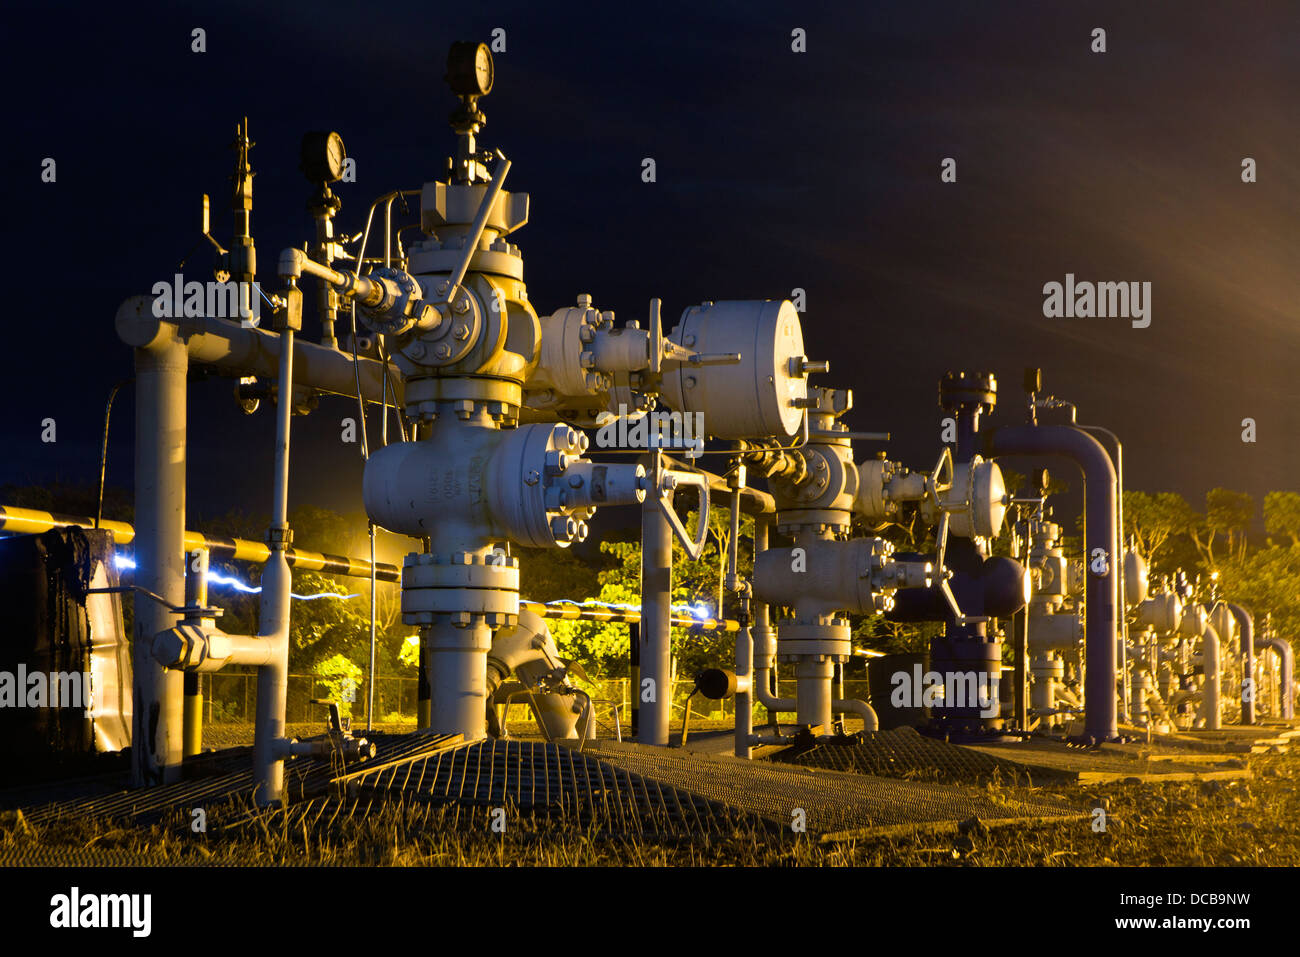 Albero Di Natale Petrolio.Fila Di Albero Di Natale Valvole Su Un Pozzo Di Petrolio Piattaforma Nell Amazzonia Ecuadoriana Illuminata Di Notte Foto Stock Alamy